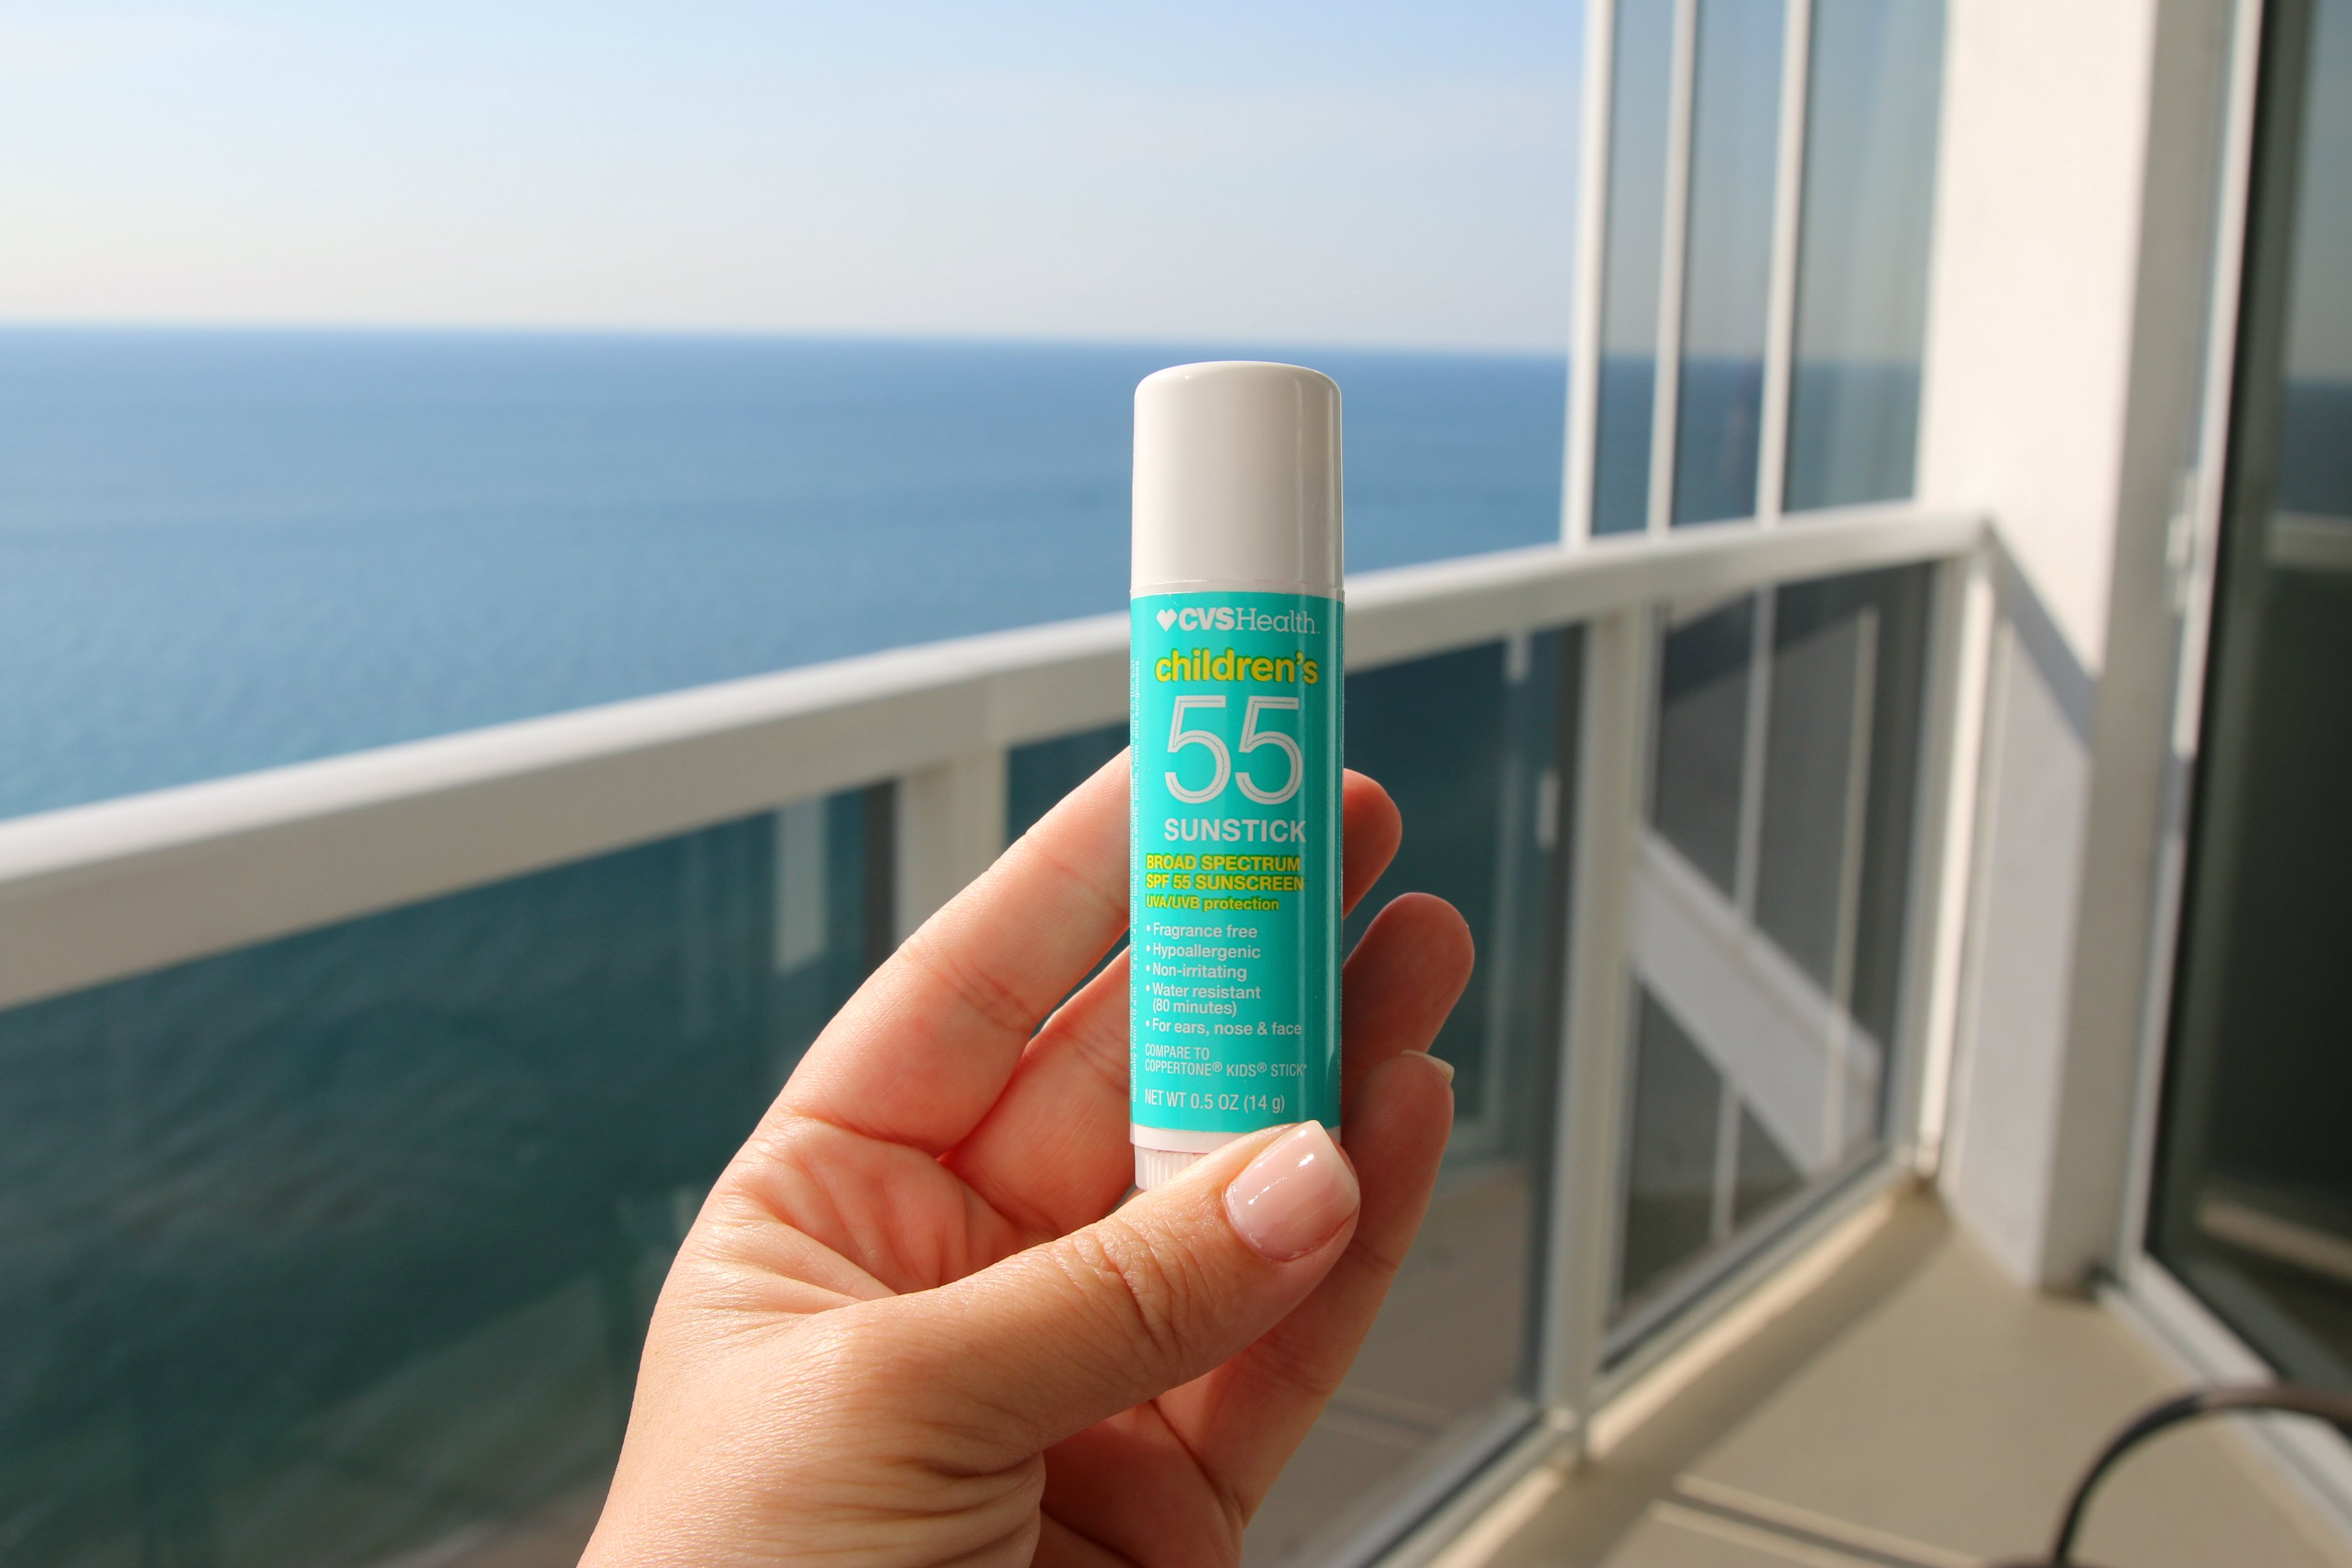 cvs childrens sunscreen stick